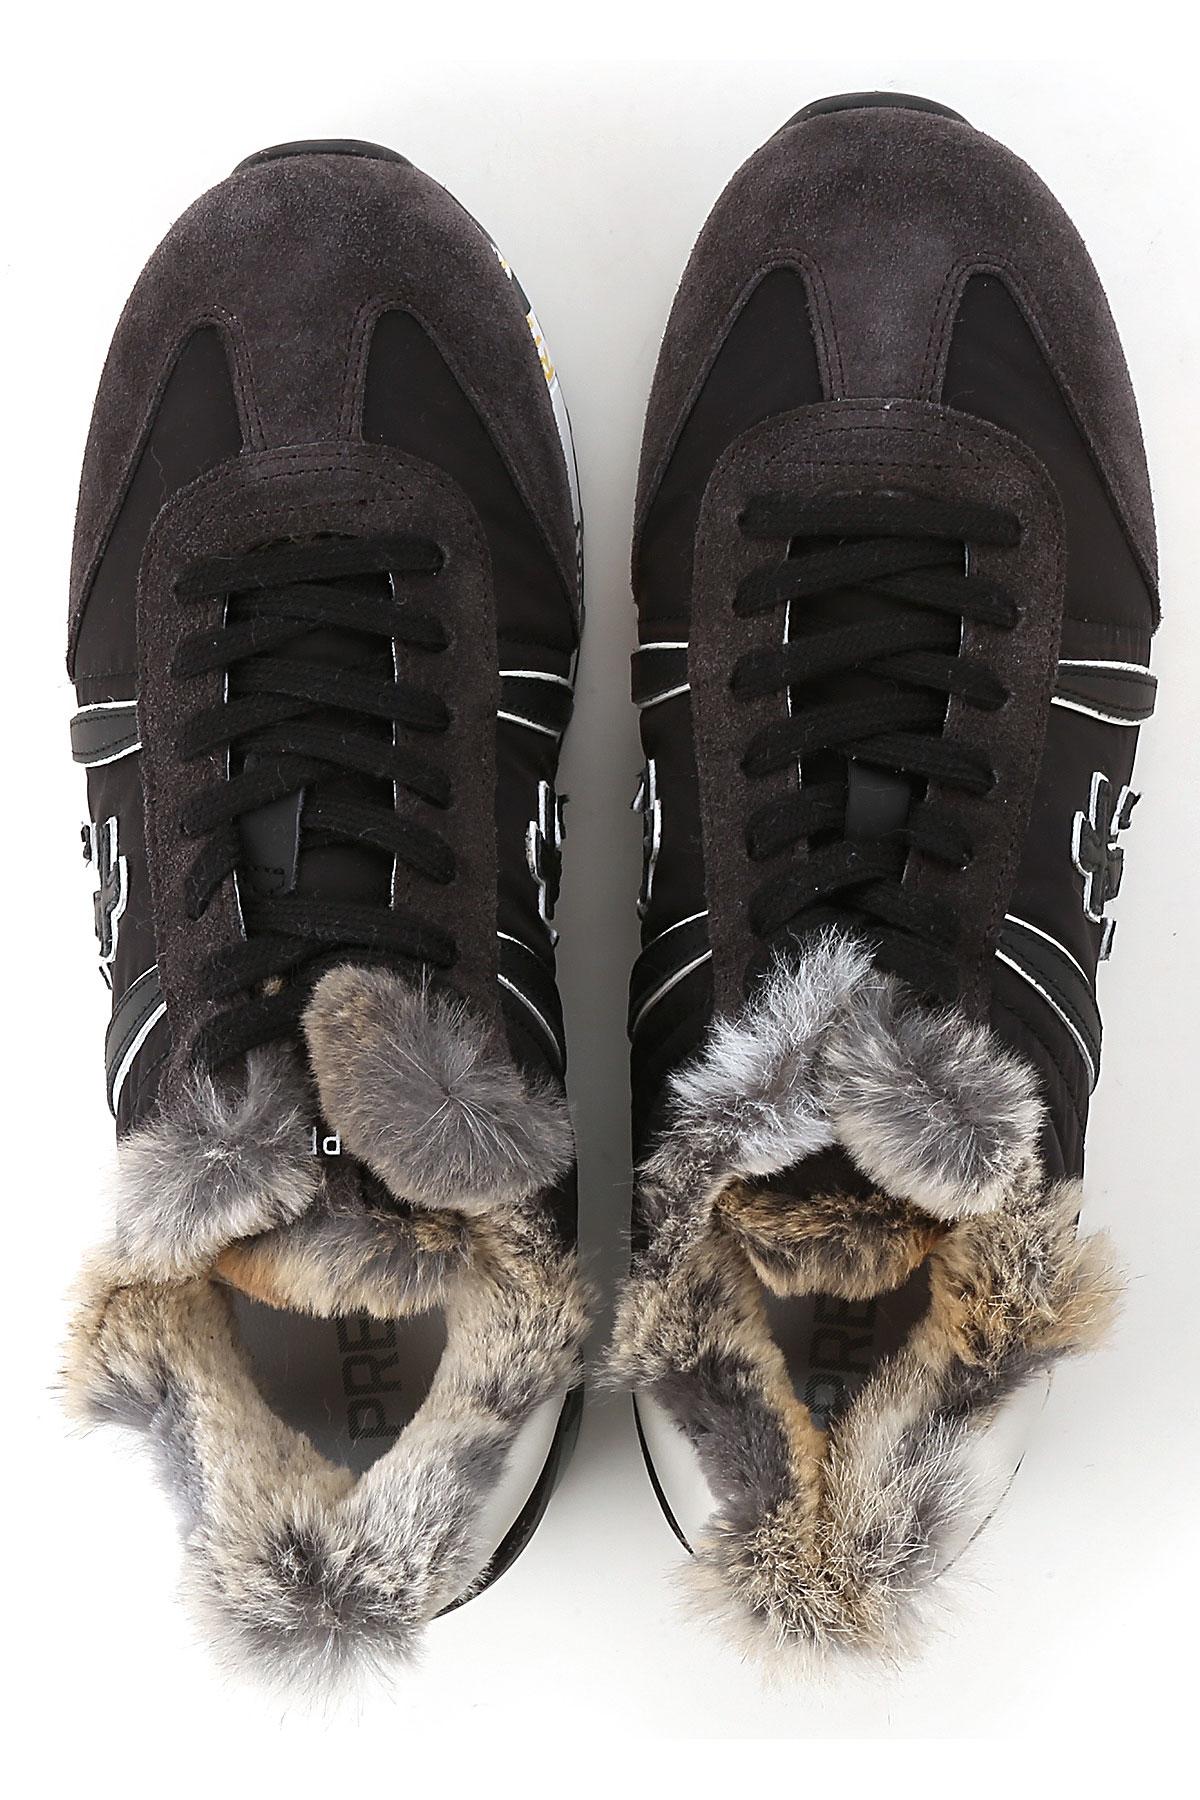 Hombres Premiata nbsp; Zapatos 2018 Otoño Para Negro 19 invierno xwErwq